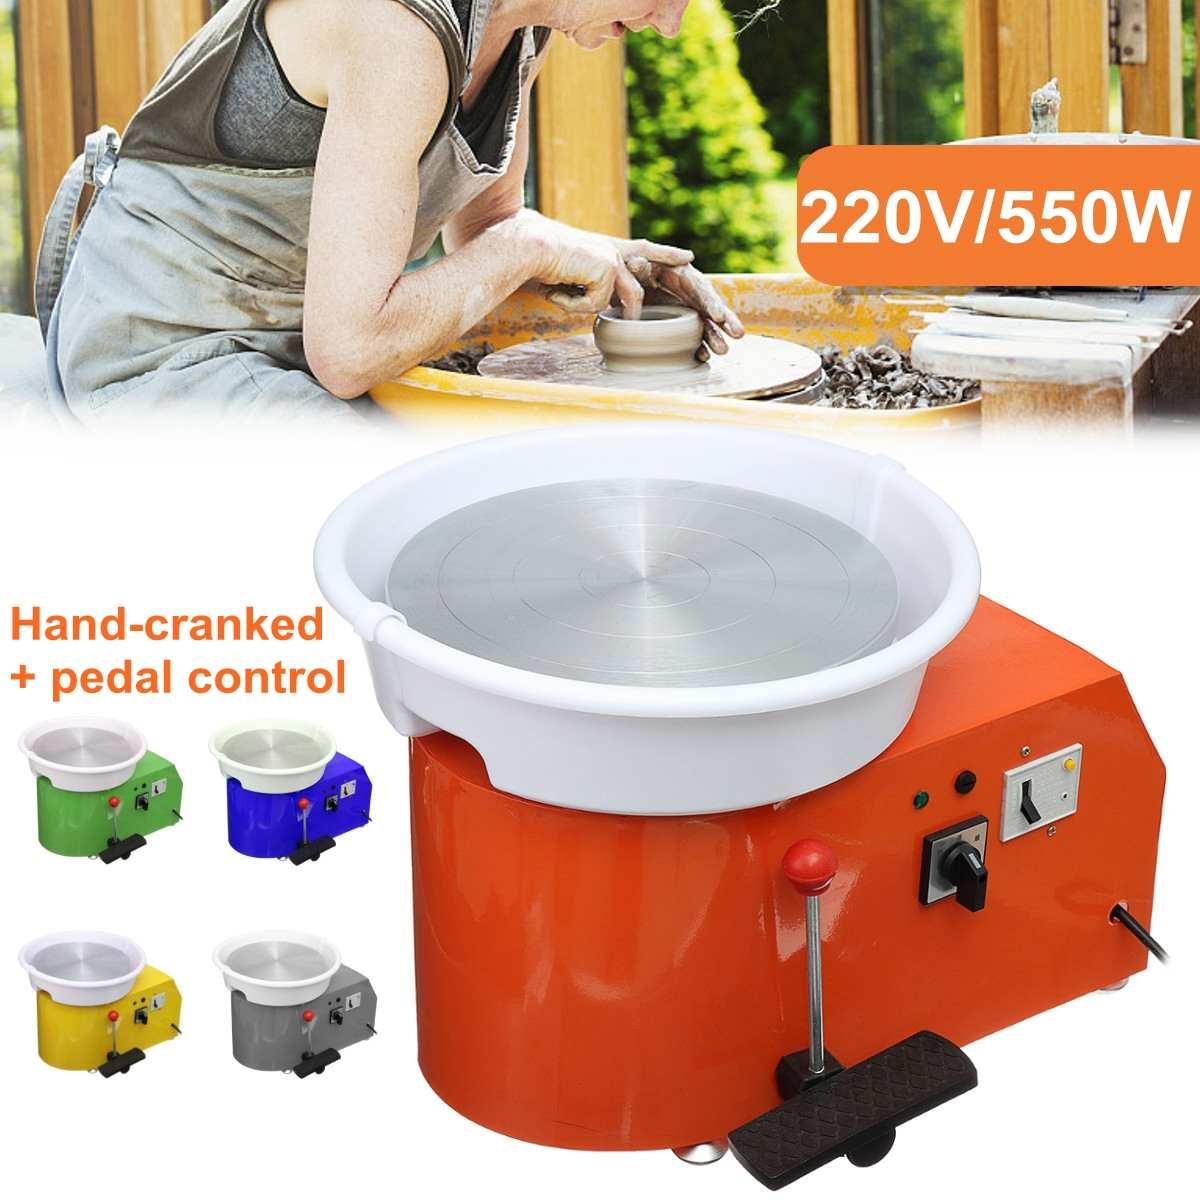 Machine en céramique de roue de poterie électrique de 220 V 550 W Kit de potier d'argile en céramique de 300mm pour la céramique de travail en céramique - 2